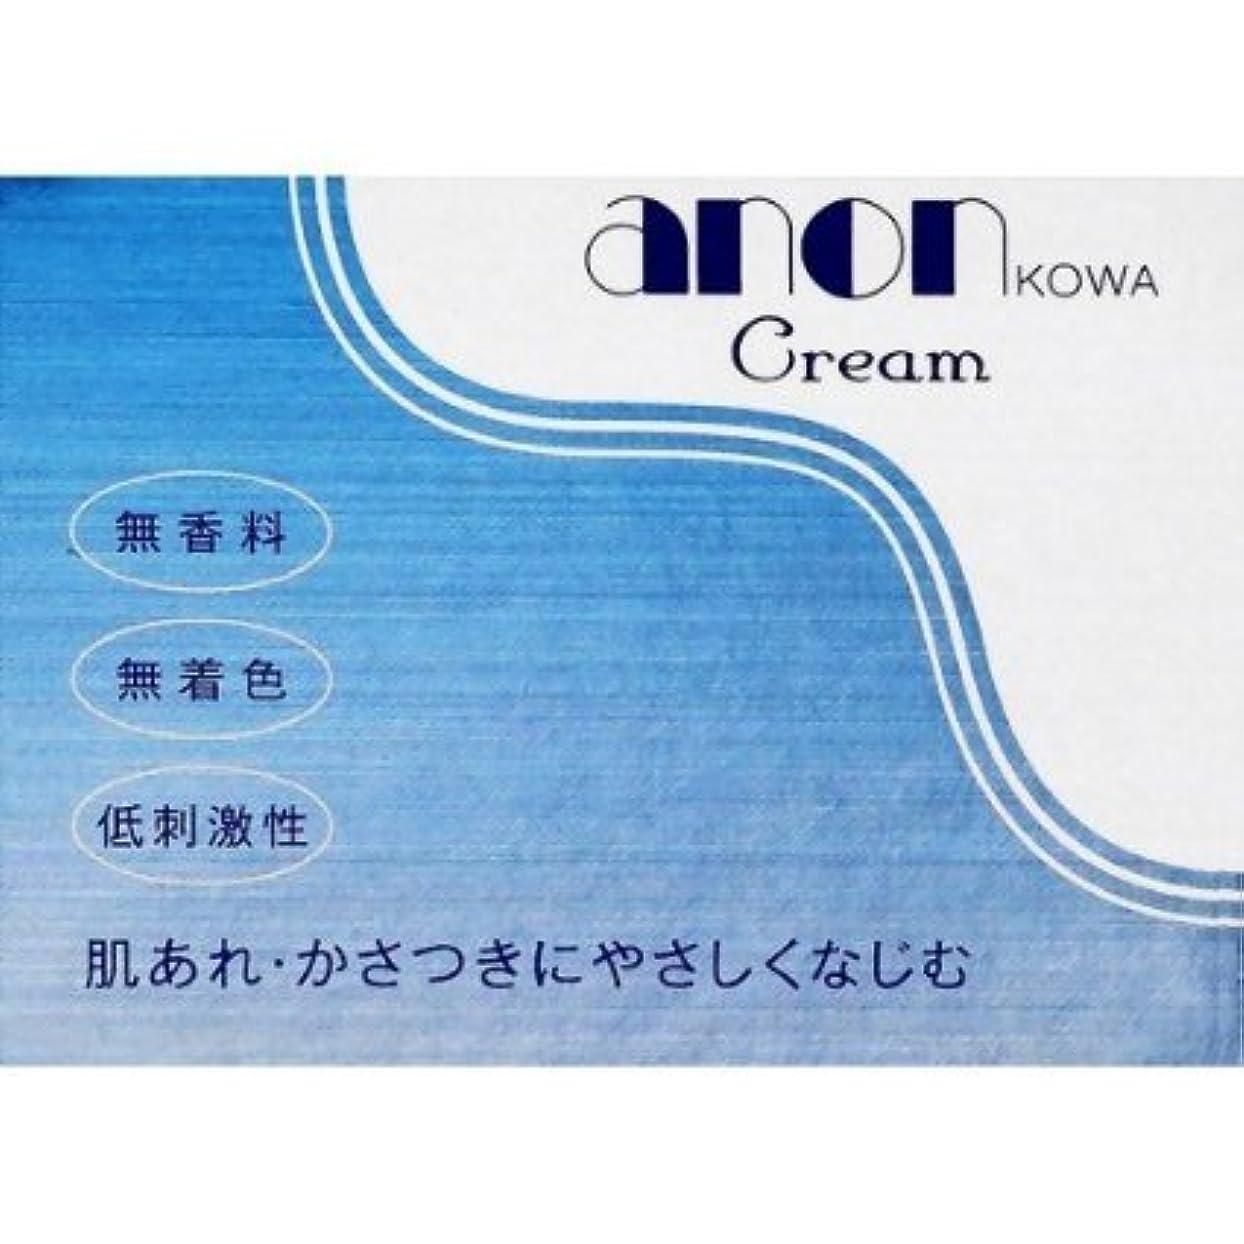 夕暮れ注釈を付ける九興和新薬 アノンコーワクリーム80g×2 1847